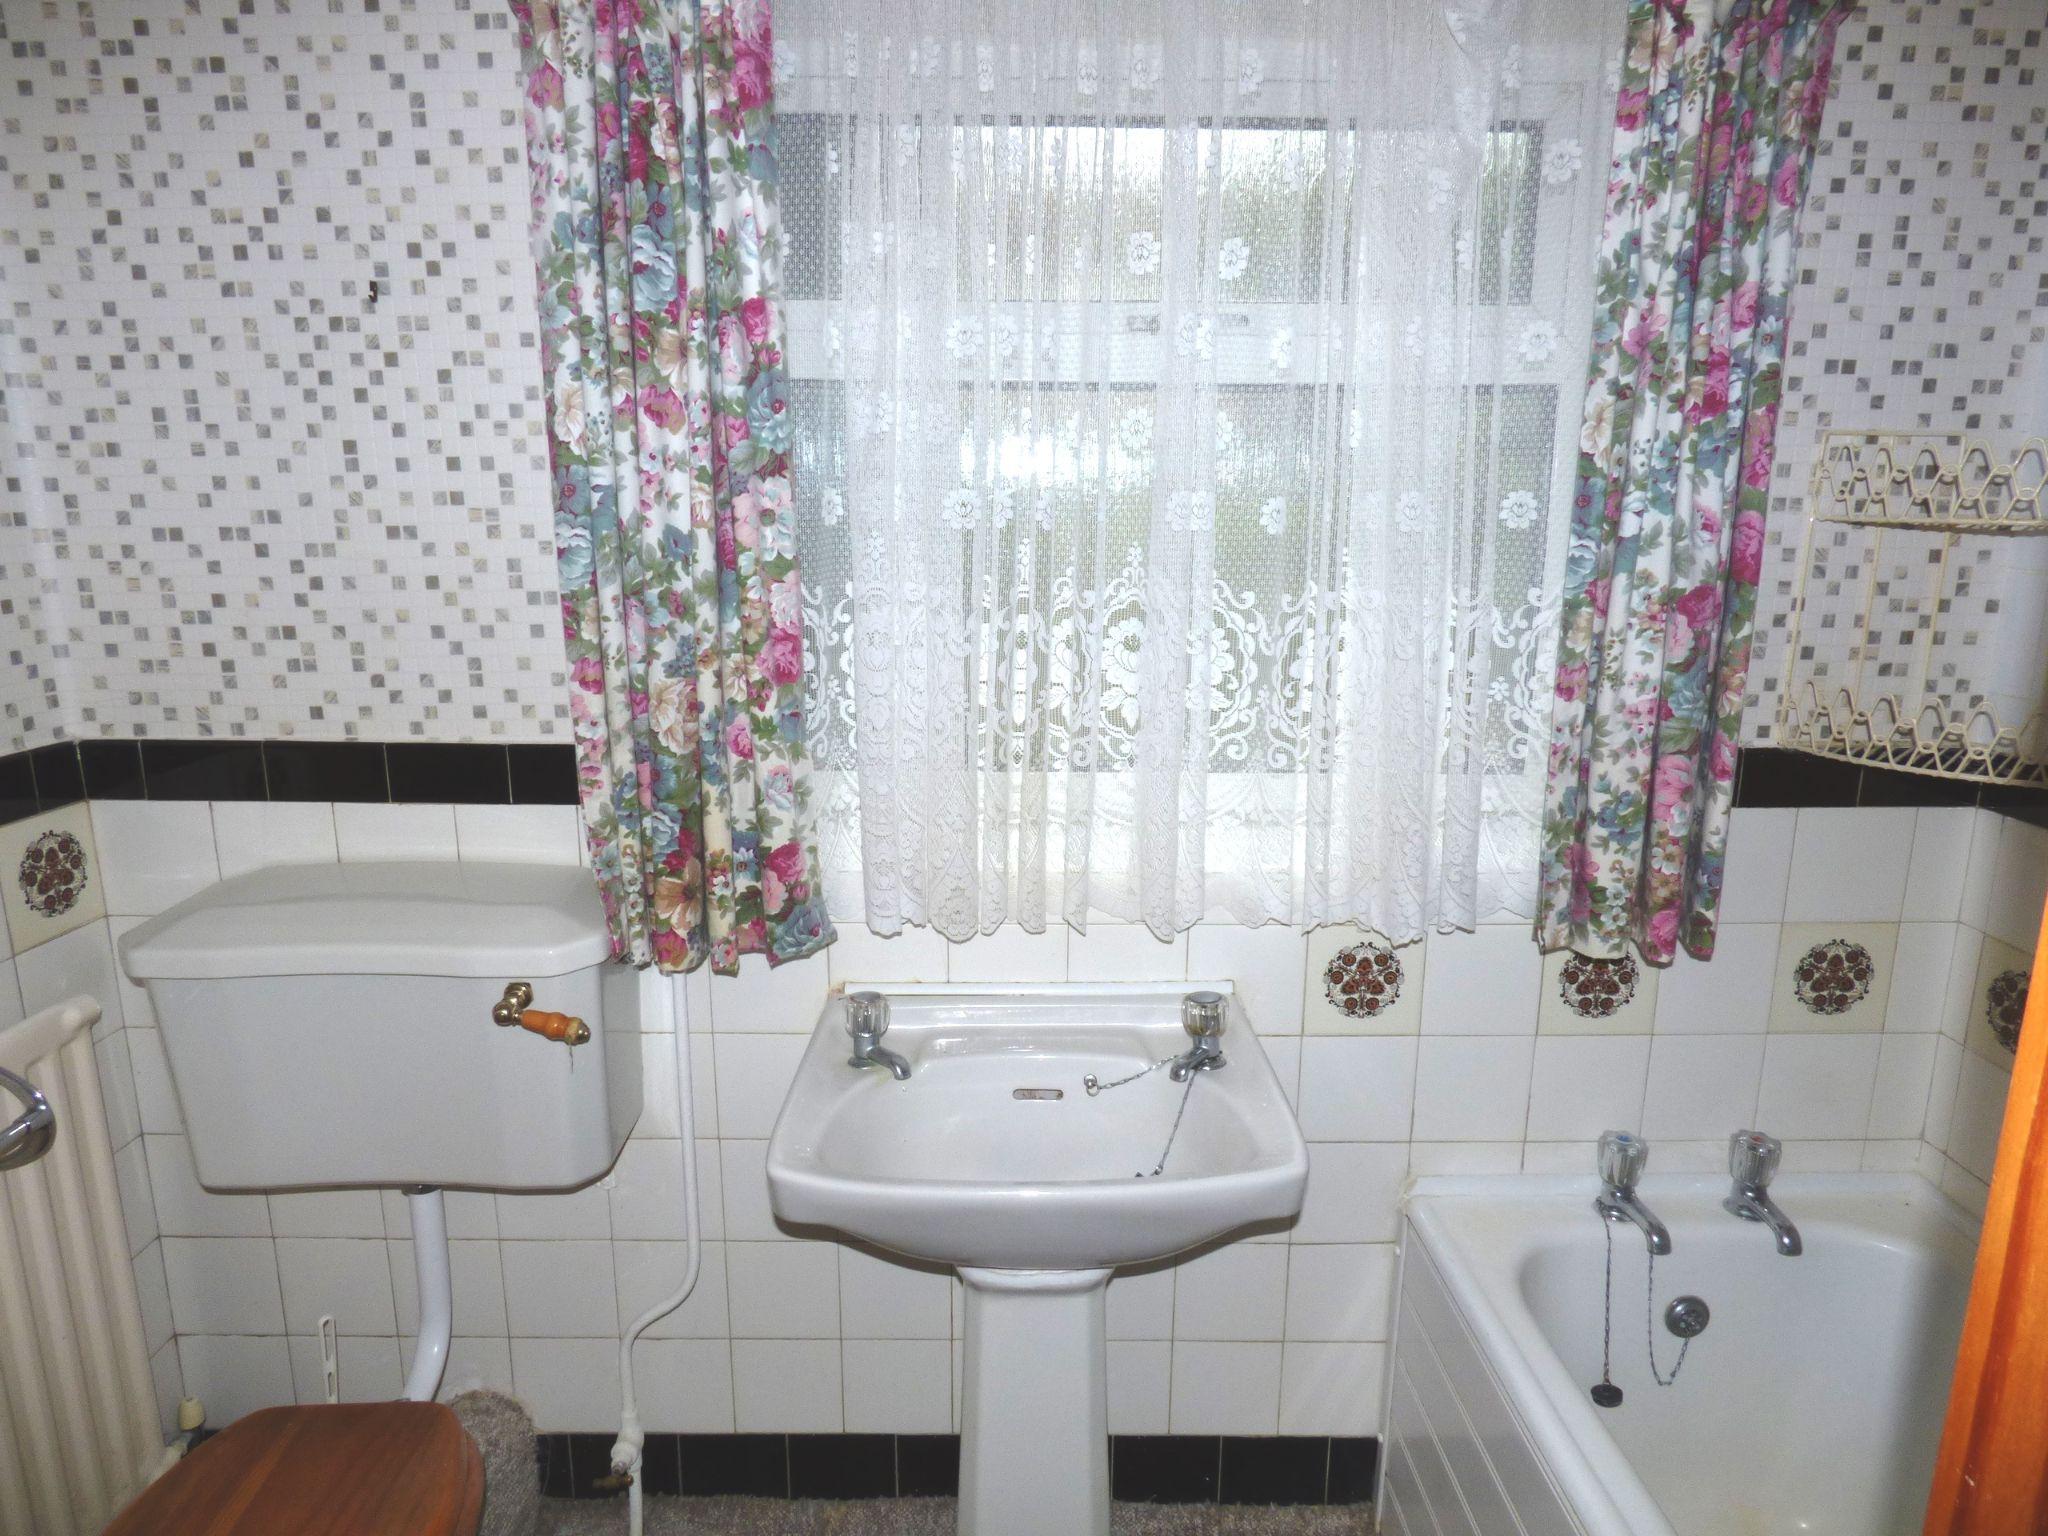 2 Bedroom Semi-detached Bungalow For Sale - Photograph 7